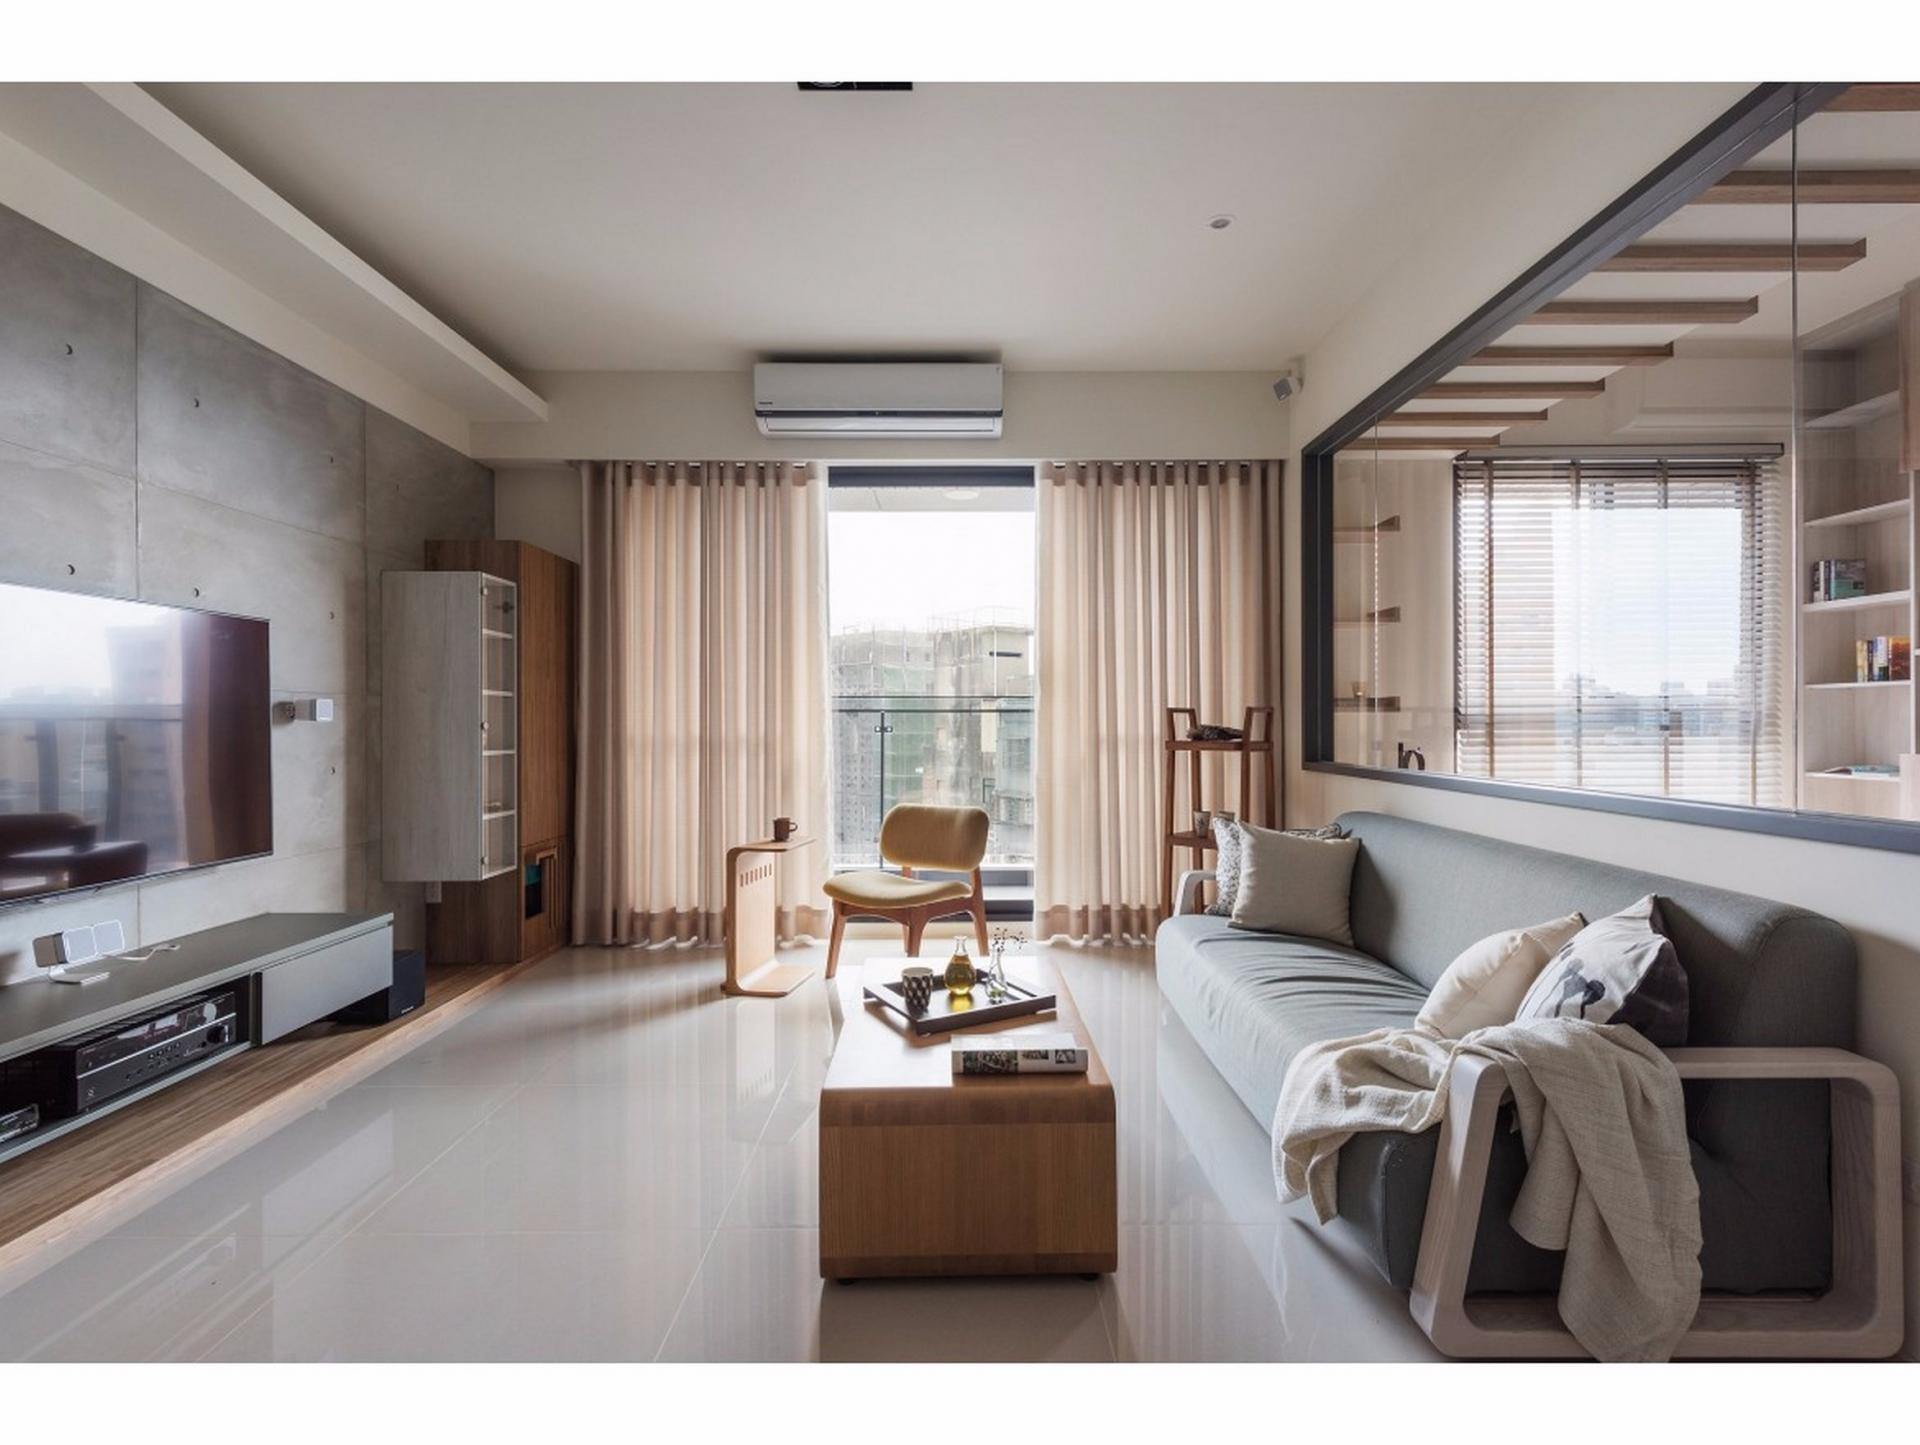 56平米单身小公寓图_1